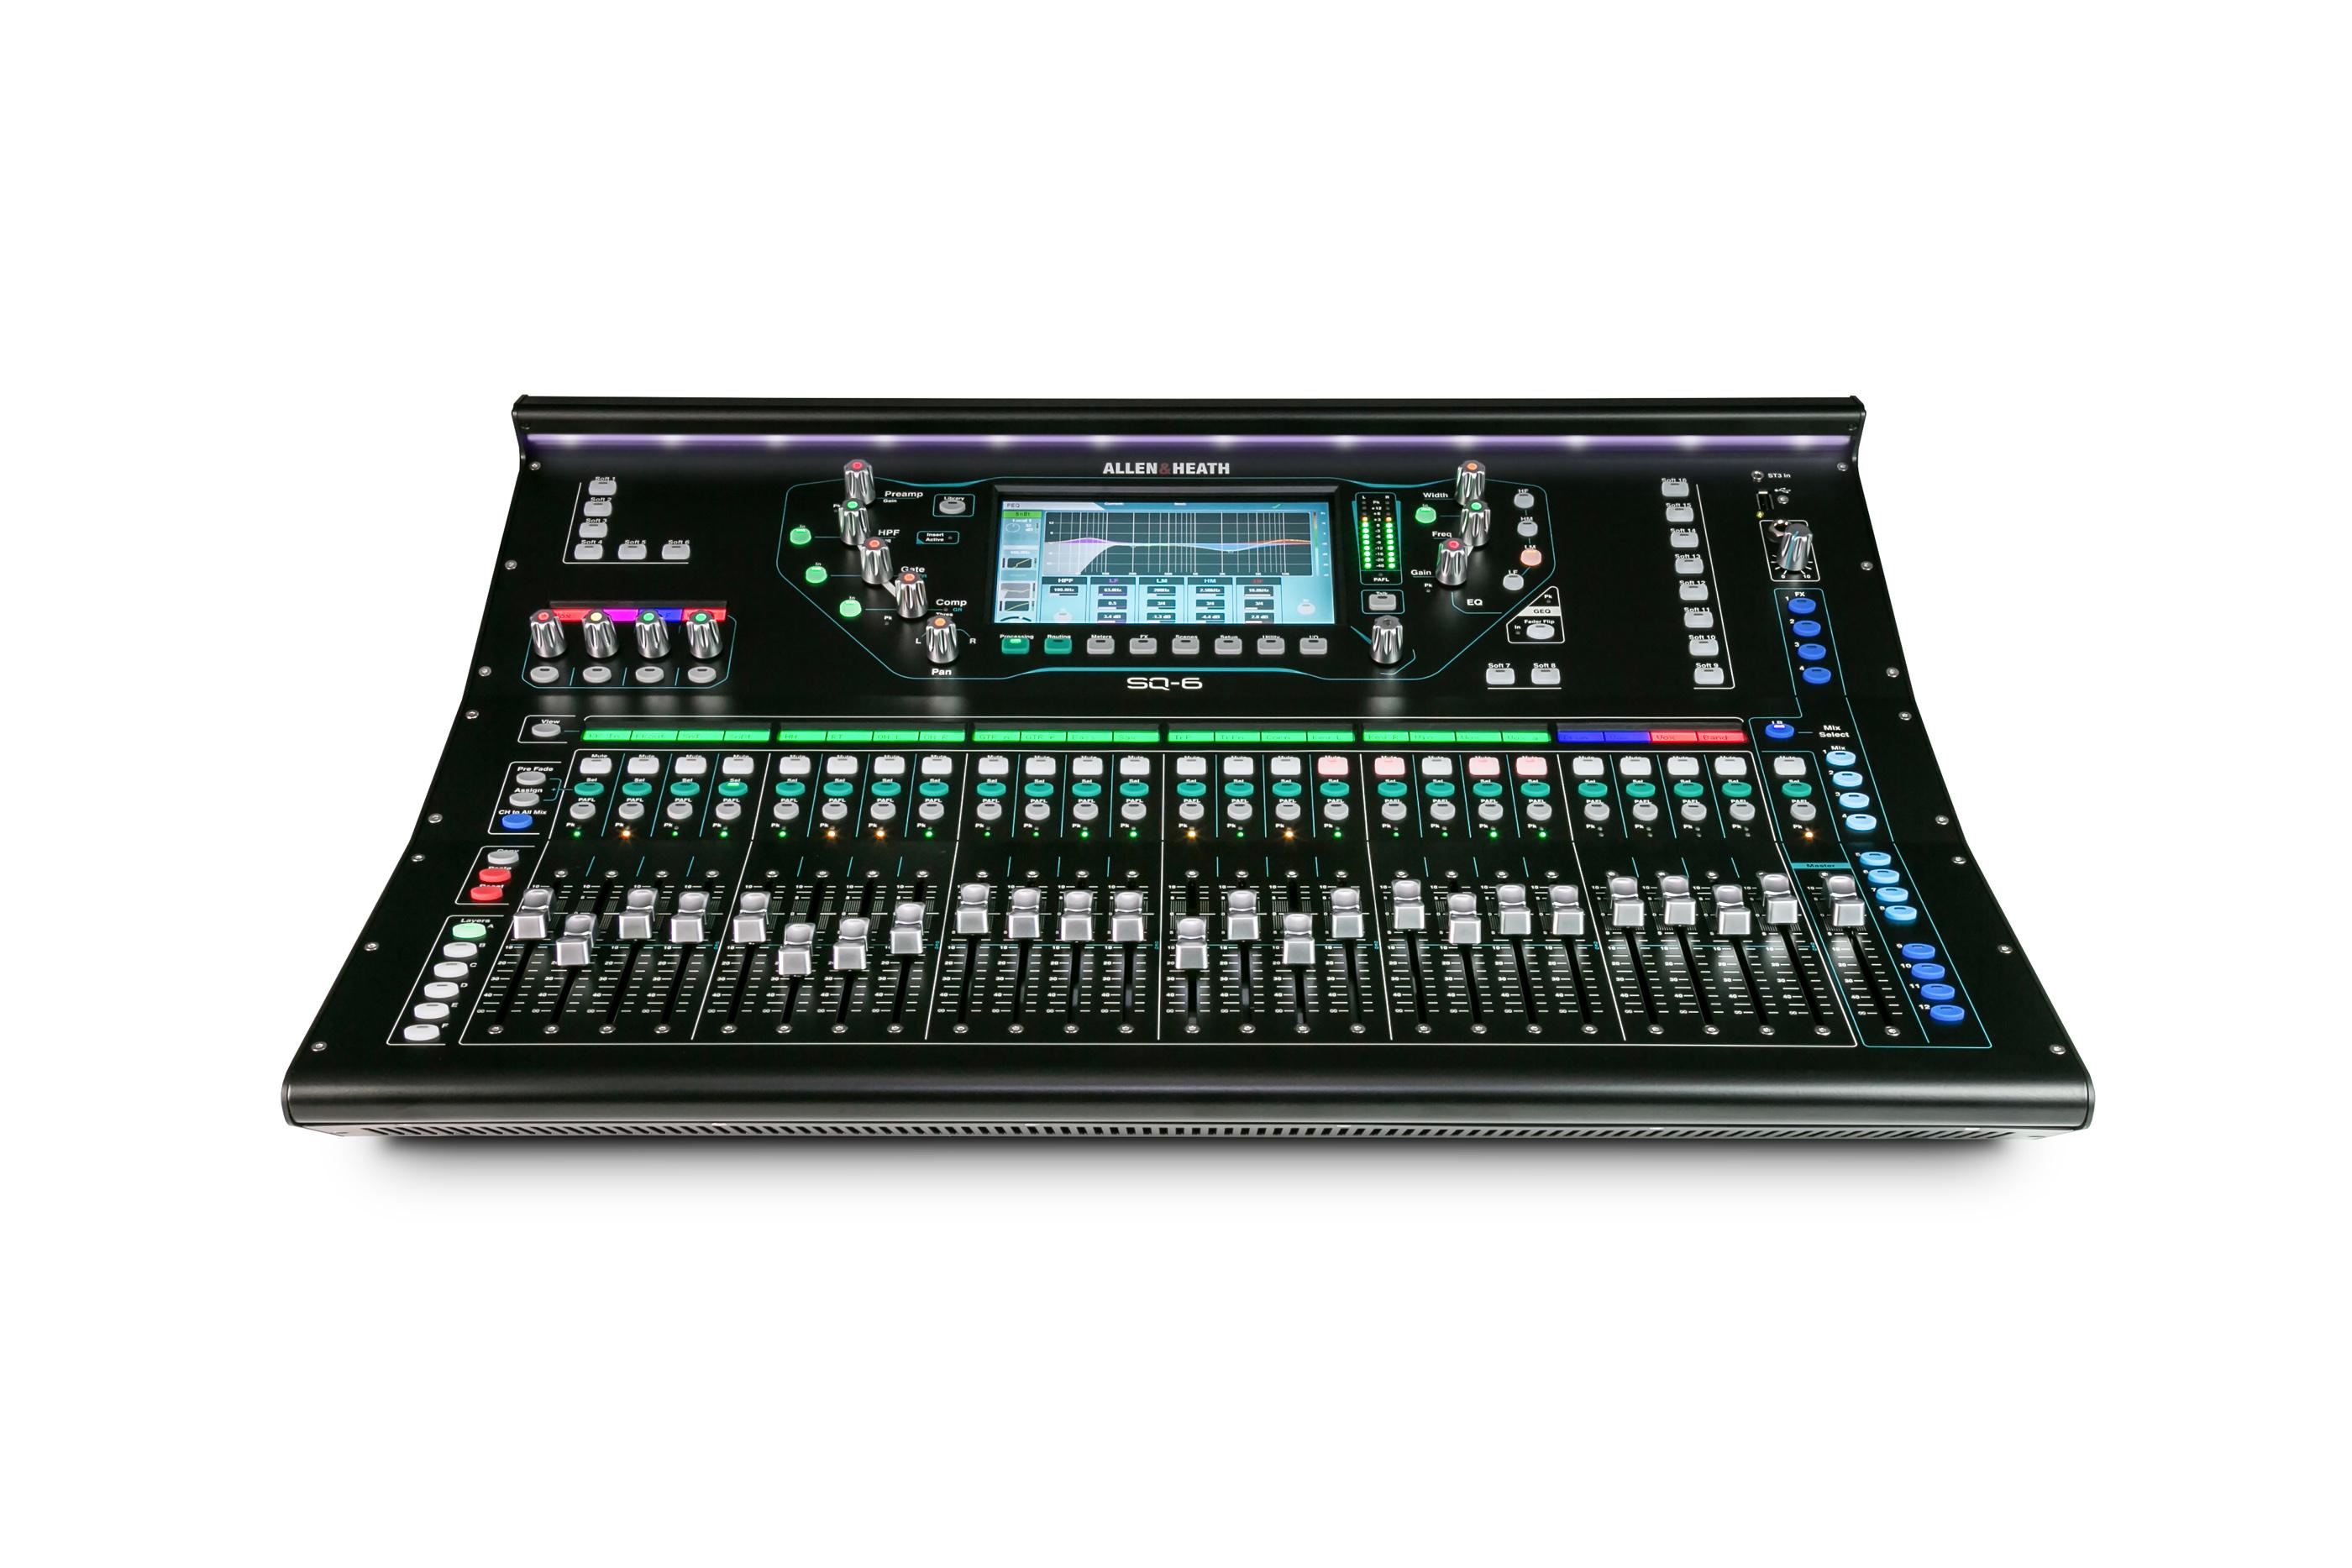 Allen & Heath SQ-6 48 Channel Digital Audio Mixer